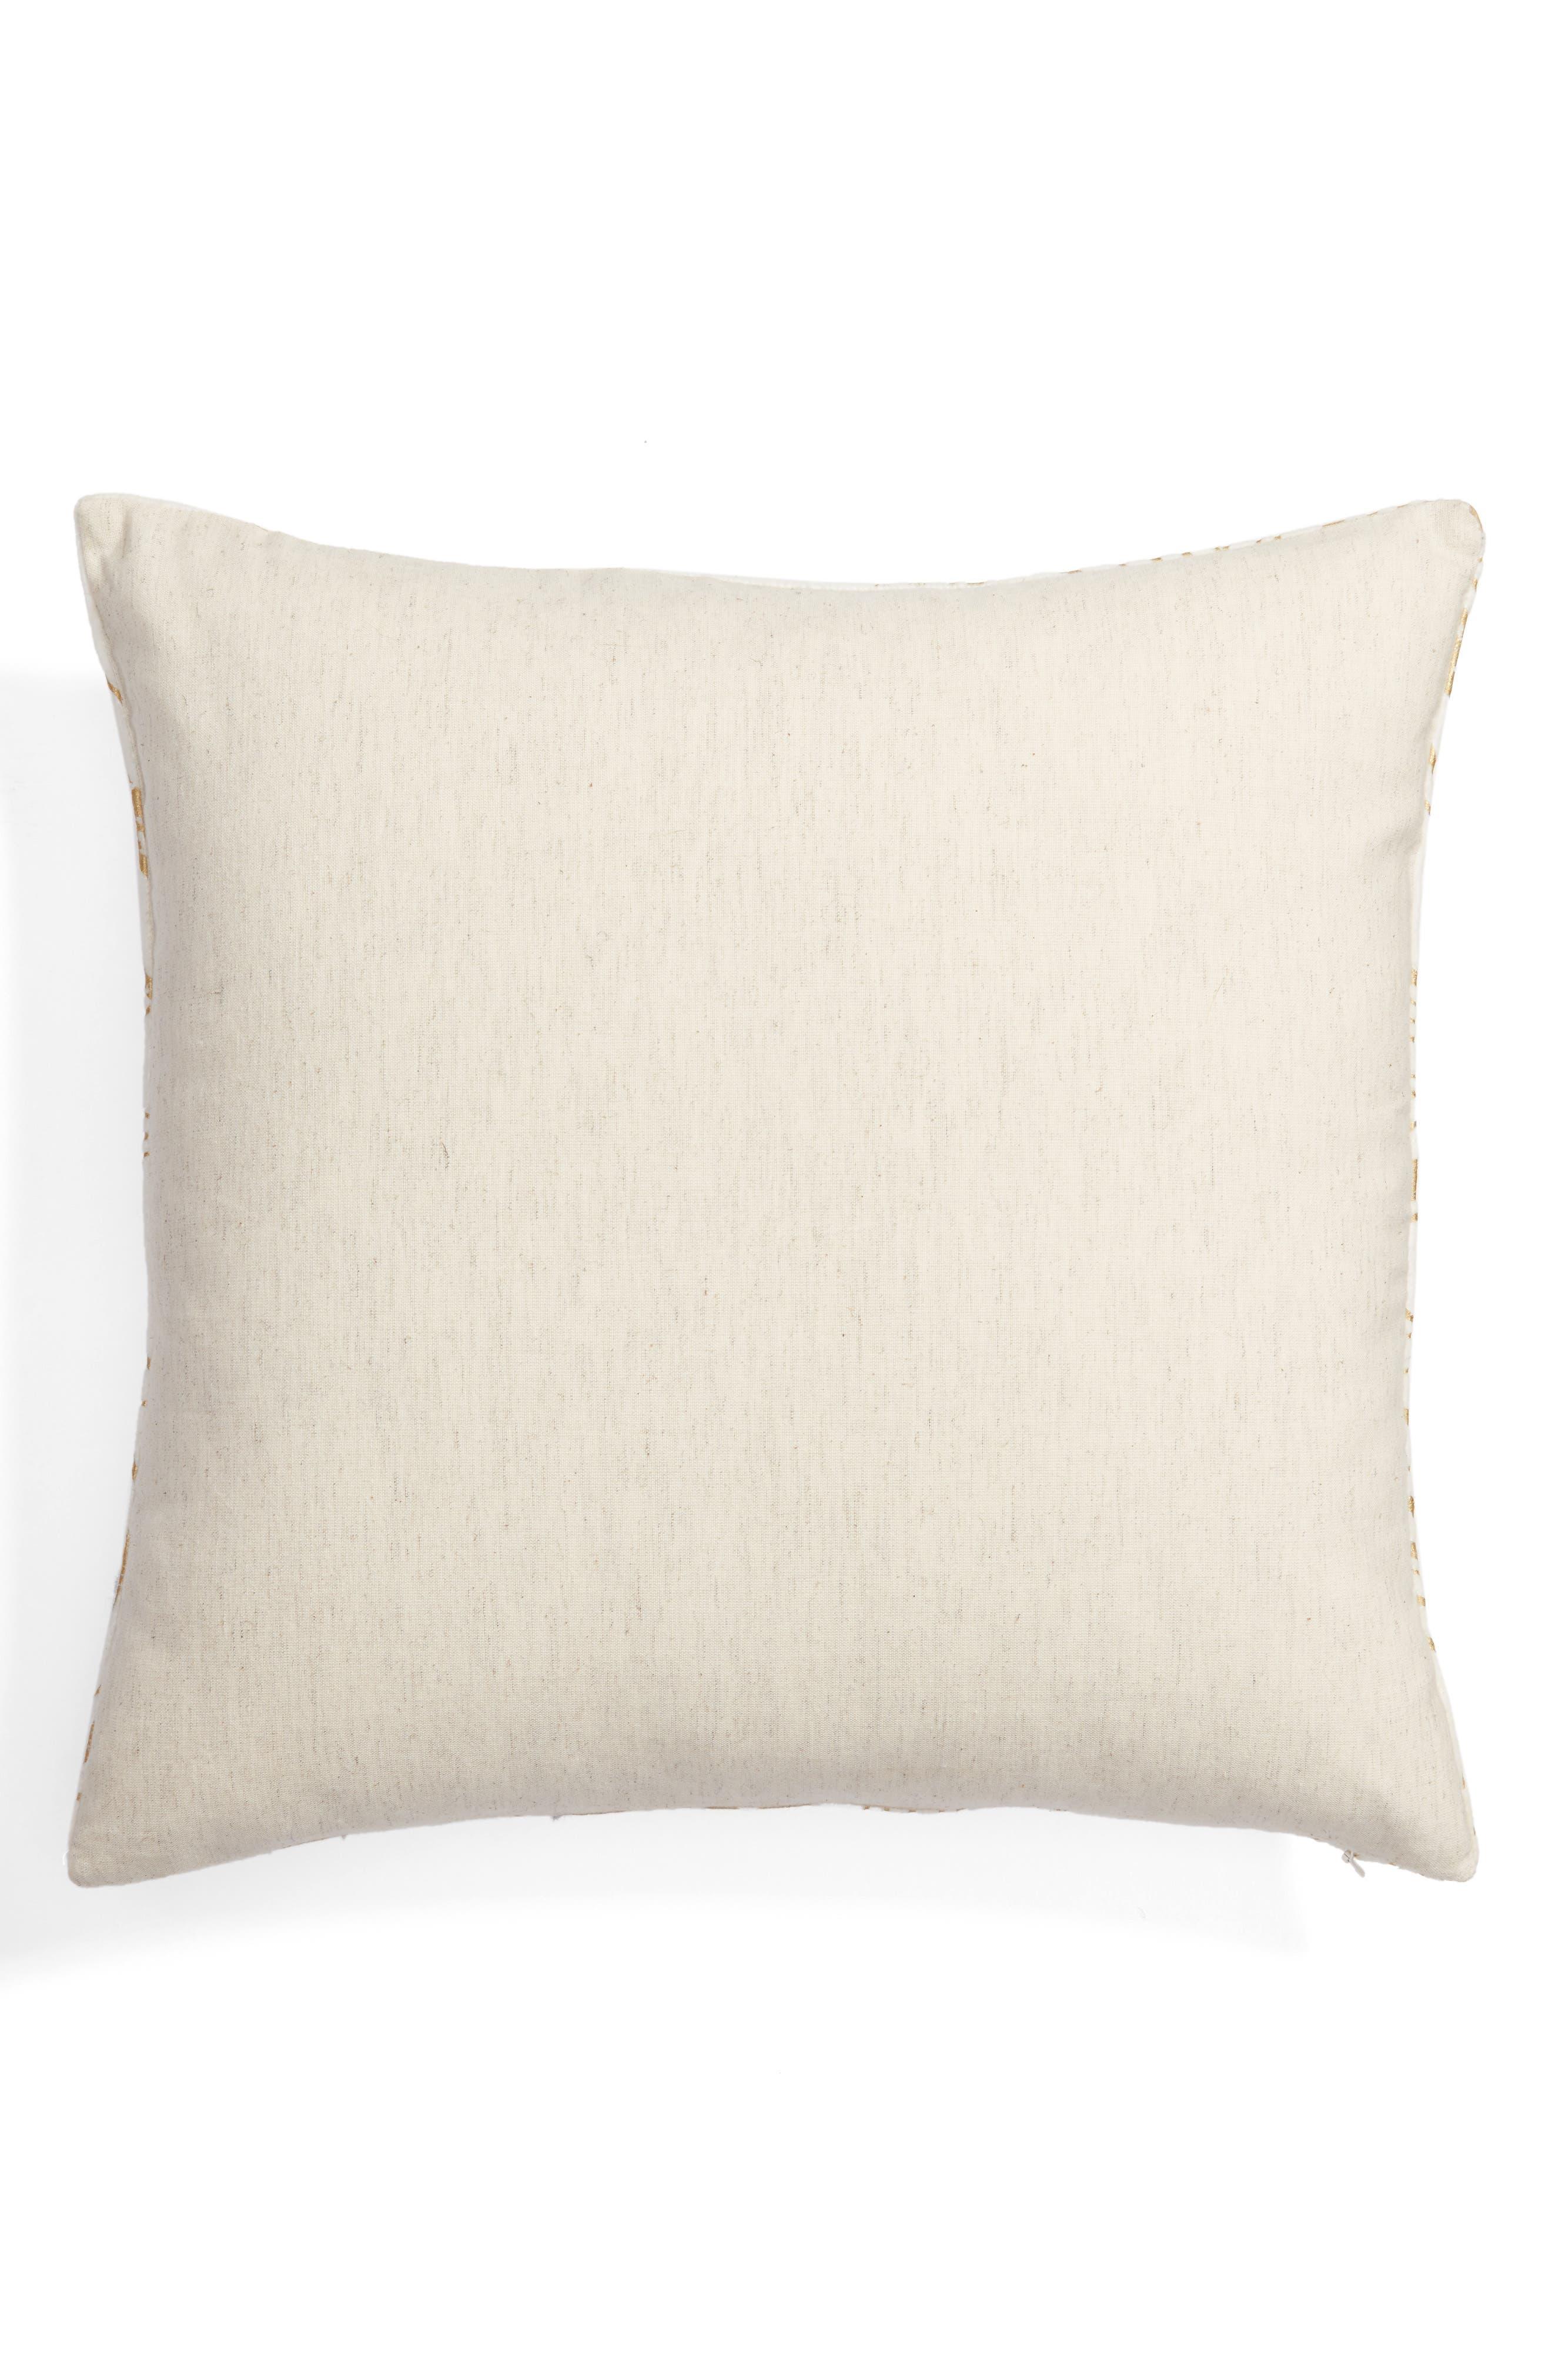 Foil Print Pillow,                             Alternate thumbnail 6, color,